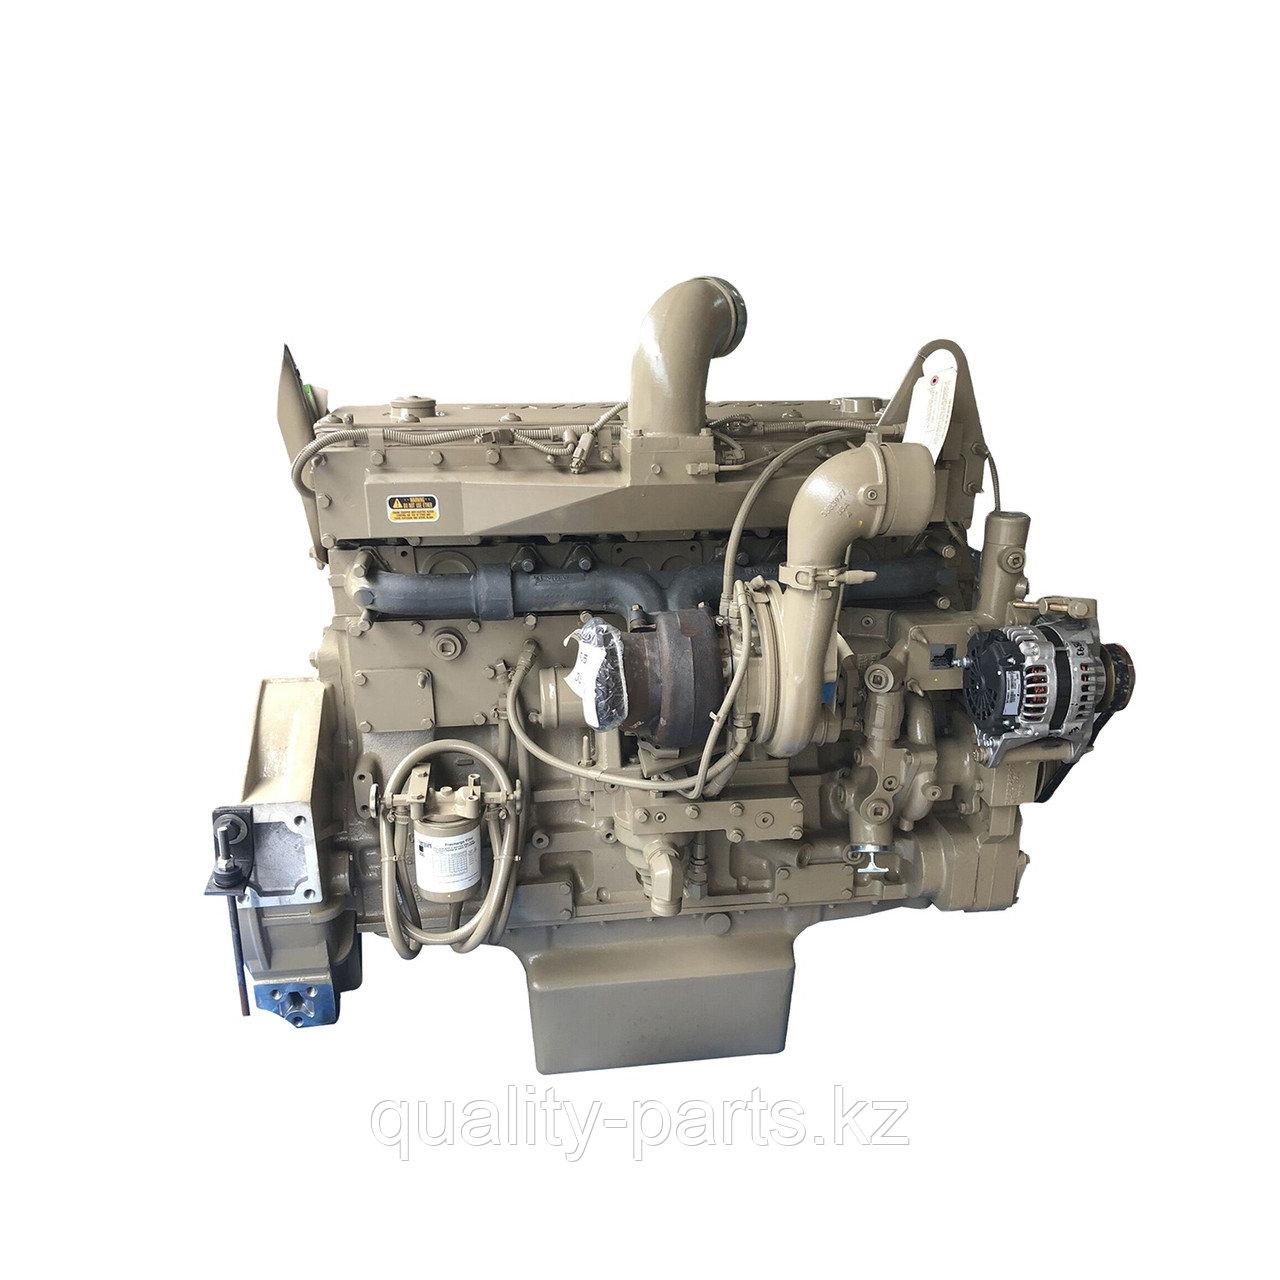 Двигатель на гусеничный экскаватор Hyundai Robex R520LC-9.